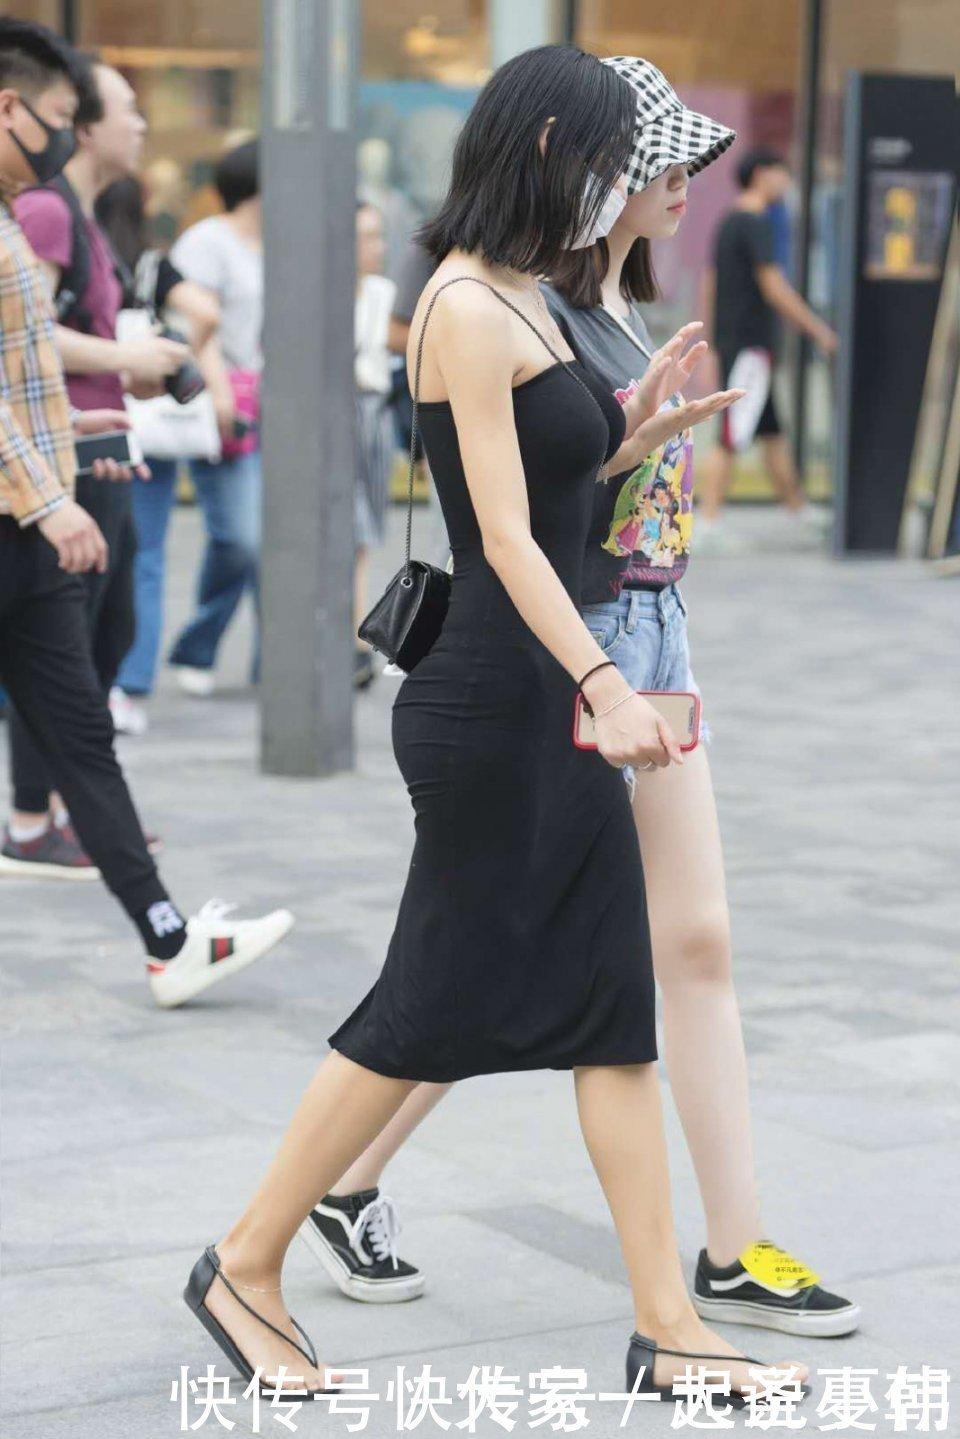 美女街拍一字肩連衣裙後開叉街拍,盡顯優雅輕熟風